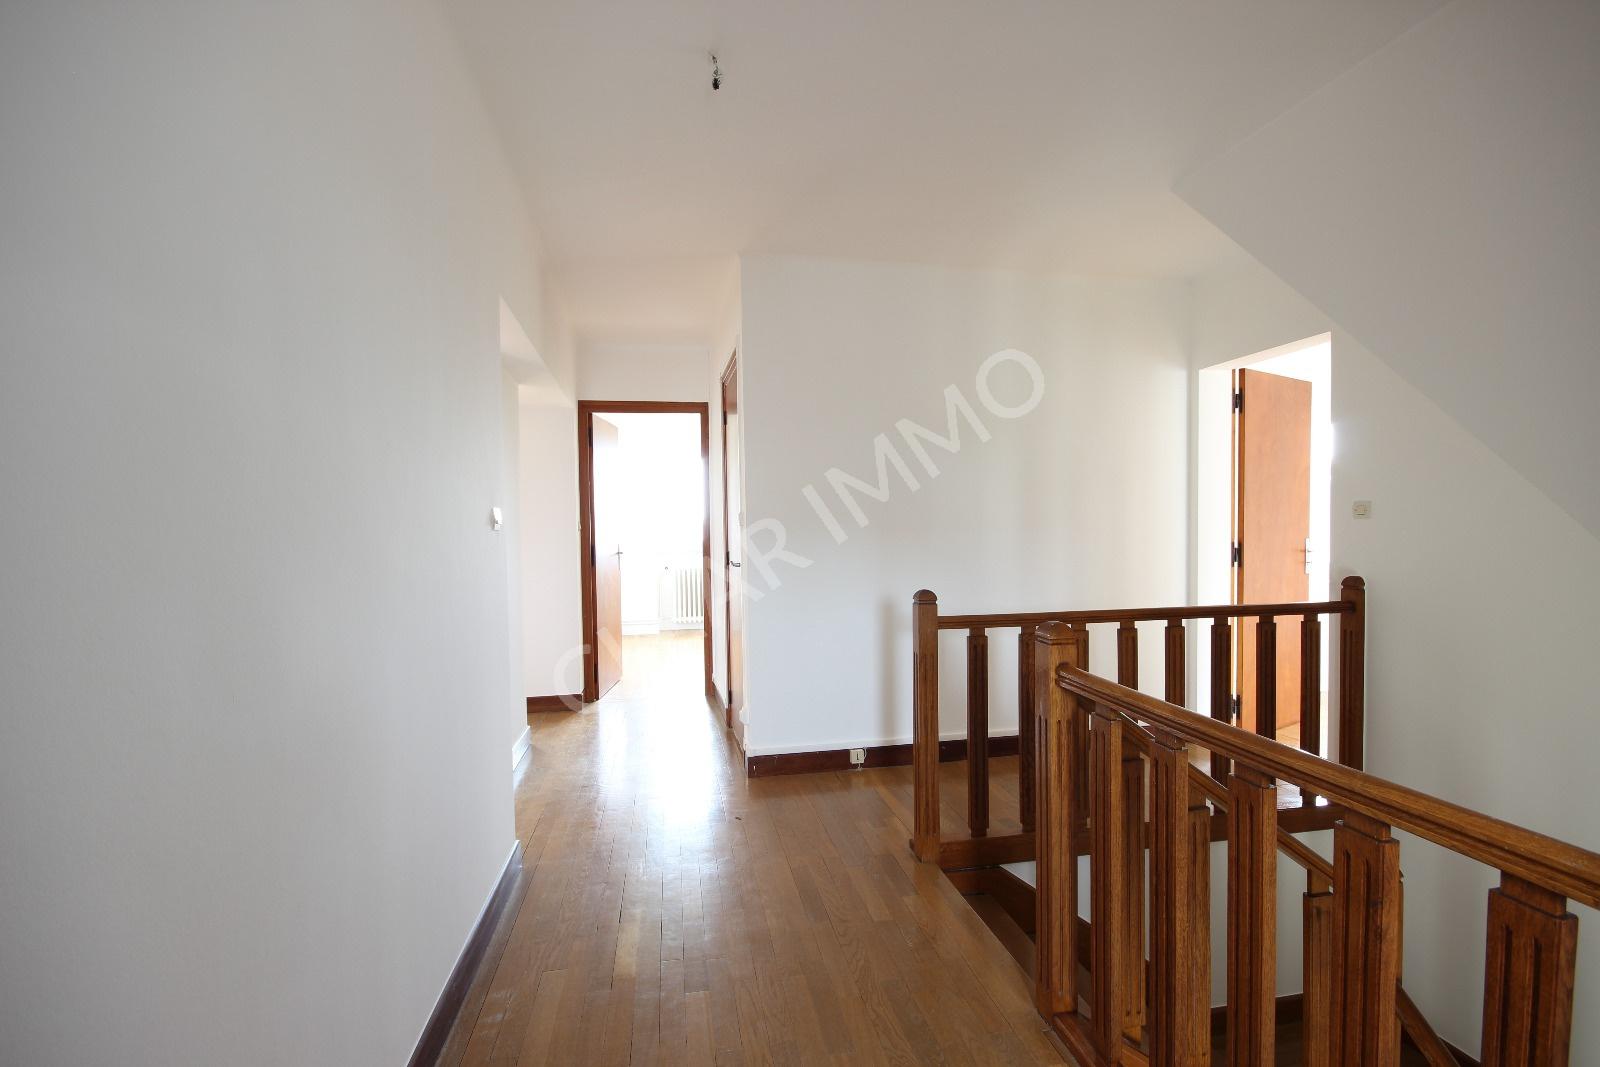 Annonce vente maison longwy 54400 170 m 225 000 for Assurance maison belgique